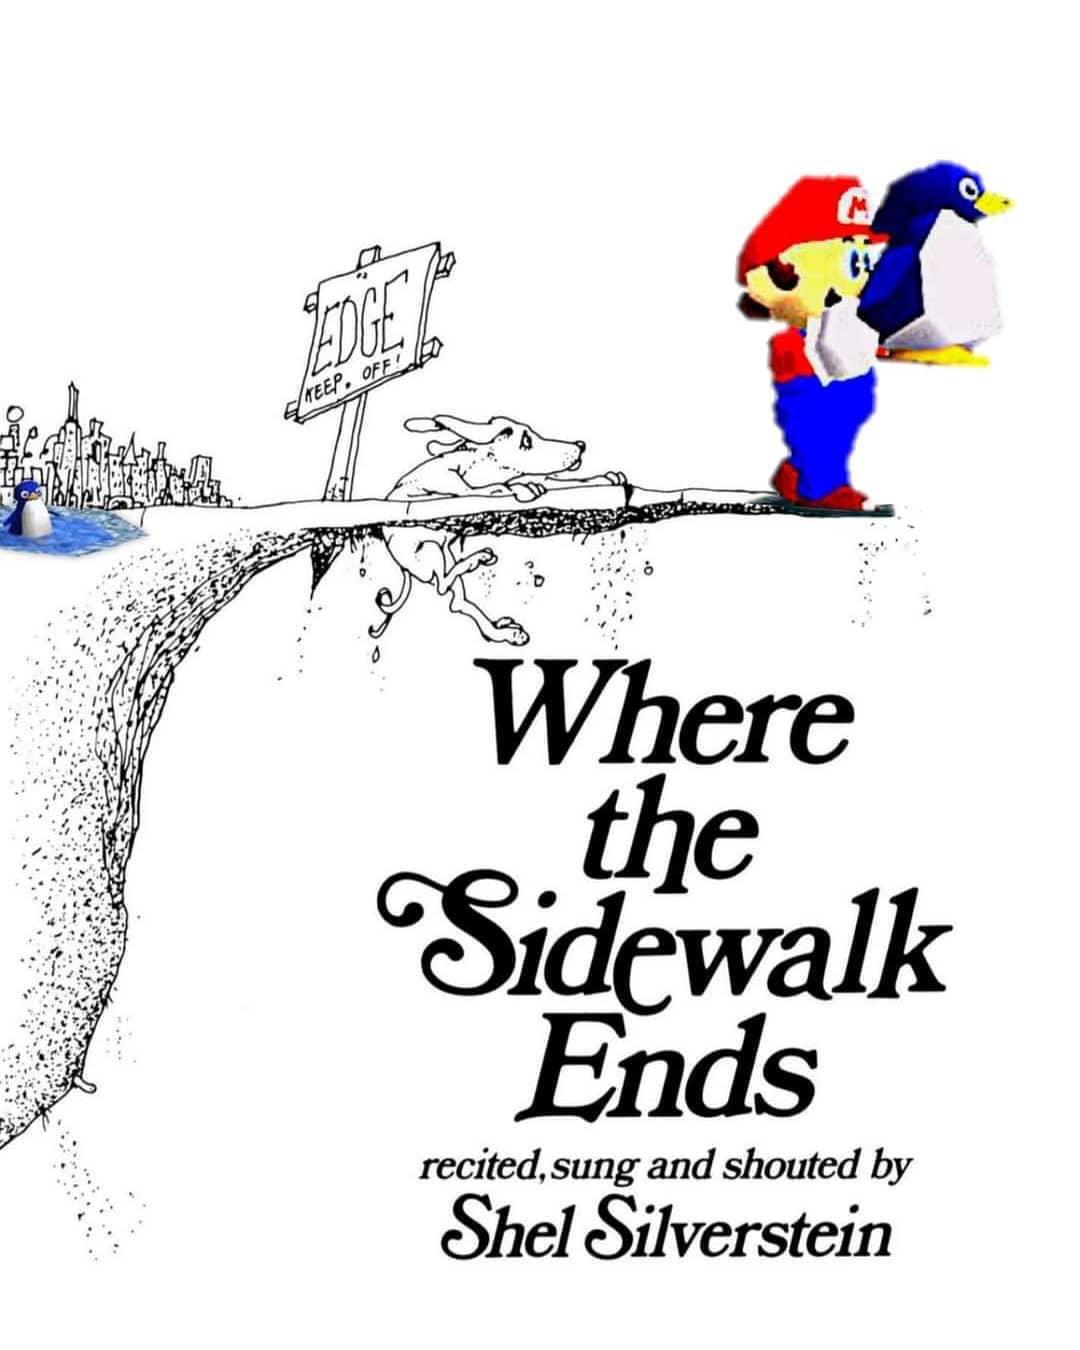 Memes Super Mario 64 penguin throw